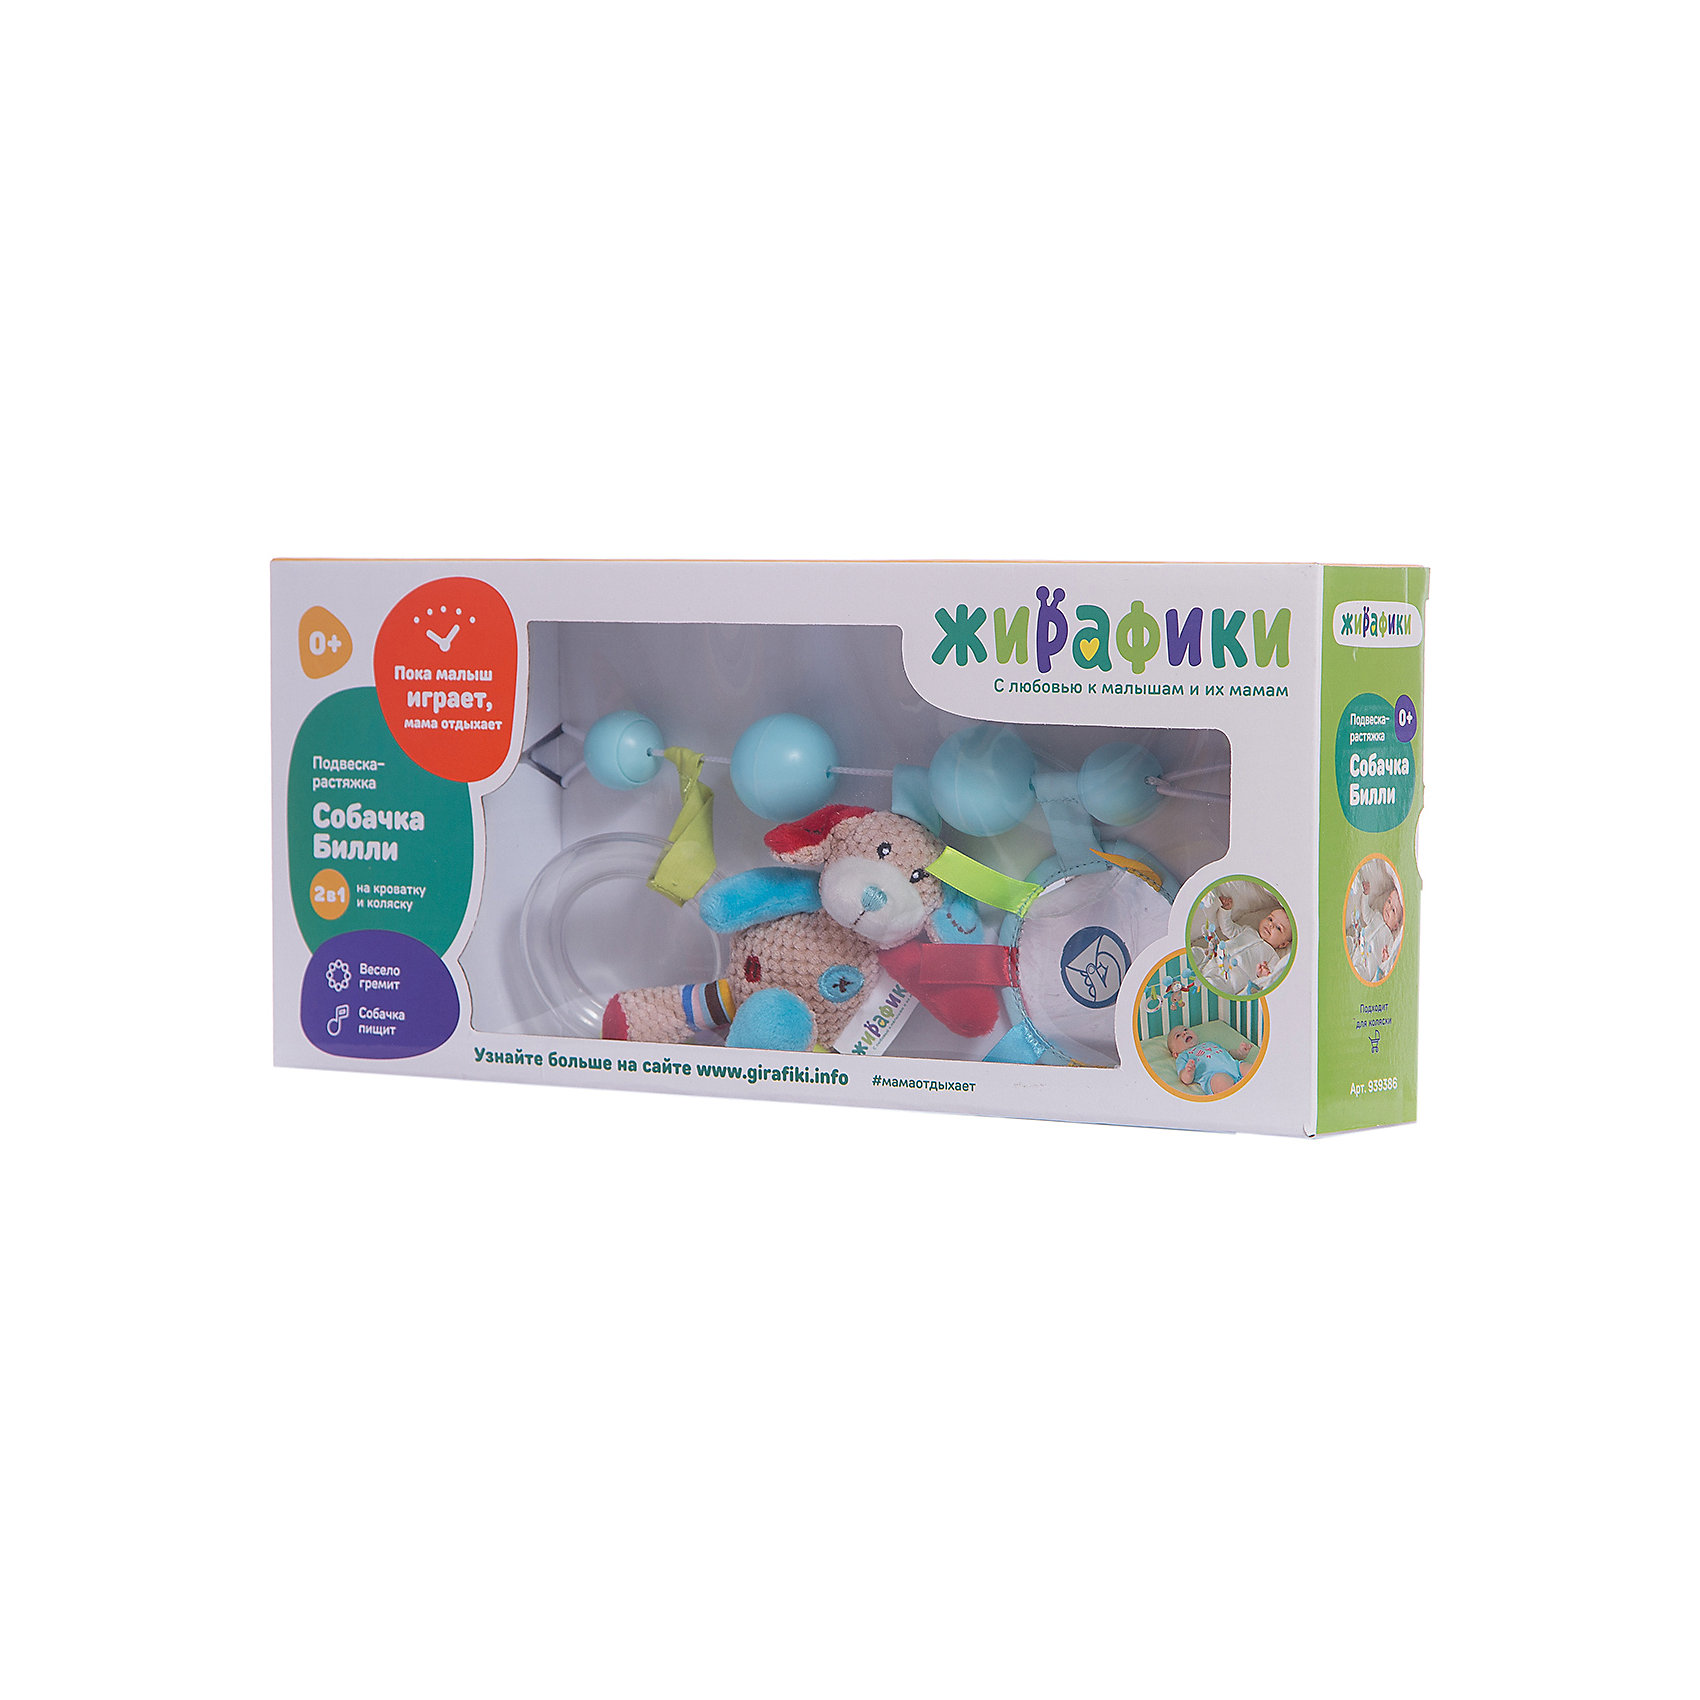 Подвеска-погремушка Жирафики Собачка Билли с зеркальцем и мягкой игрушкойПогремушки<br>Характеристики:<br><br>• мягкая игрушка с зеркальцем, погремушкой;<br>• материал: пластик, текстиль, наполнитель;<br>• возраст: с рождения;<br>• размер упаковки: 17х7х38,5 см;<br>• вес упаковки: 1,06 кг;<br>• страна бренда: Россия.<br><br>Правильно выбранная игрушка - залог хорошего развития малыша. Собачка Билли от бренда Жирафики сочетает в себе все необходимые развивающие элементы. <br><br>По центру расположена мягкая игрушка в виде милой собачки, а по бокам - зеркальце и погремушка. Внутри Билли находится пищалка, которая, несомненно, развеселит кроху. Игрушка сшита из материалов разной фактуры, что способствует развитию сенсорного восприятия и тактильных ощущений.<br><br>Подвеску с погремушкой, зеркальцем и мягкой игрушкой Собачка Билли, Жирафики можно купить в нашем интернет-магазине.<br><br>Ширина мм: 385<br>Глубина мм: 70<br>Высота мм: 170<br>Вес г: 1060<br>Возраст от месяцев: -2147483648<br>Возраст до месяцев: 2147483647<br>Пол: Мужской<br>Возраст: Детский<br>SKU: 6846914